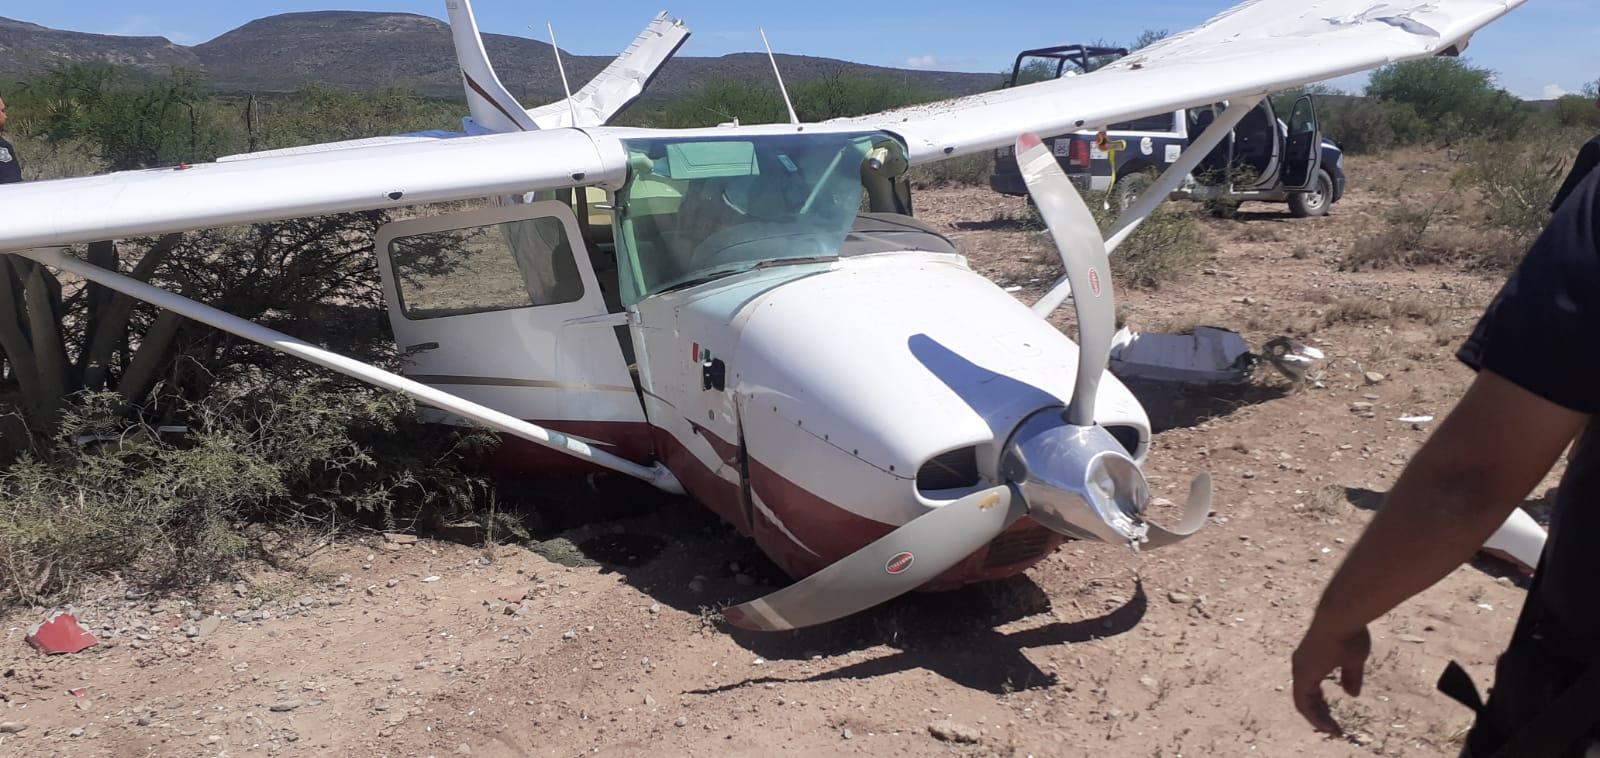 ¡Viven para contarlo! rescatan a cuatro tripulantes de aeronave que cayó en Castaños